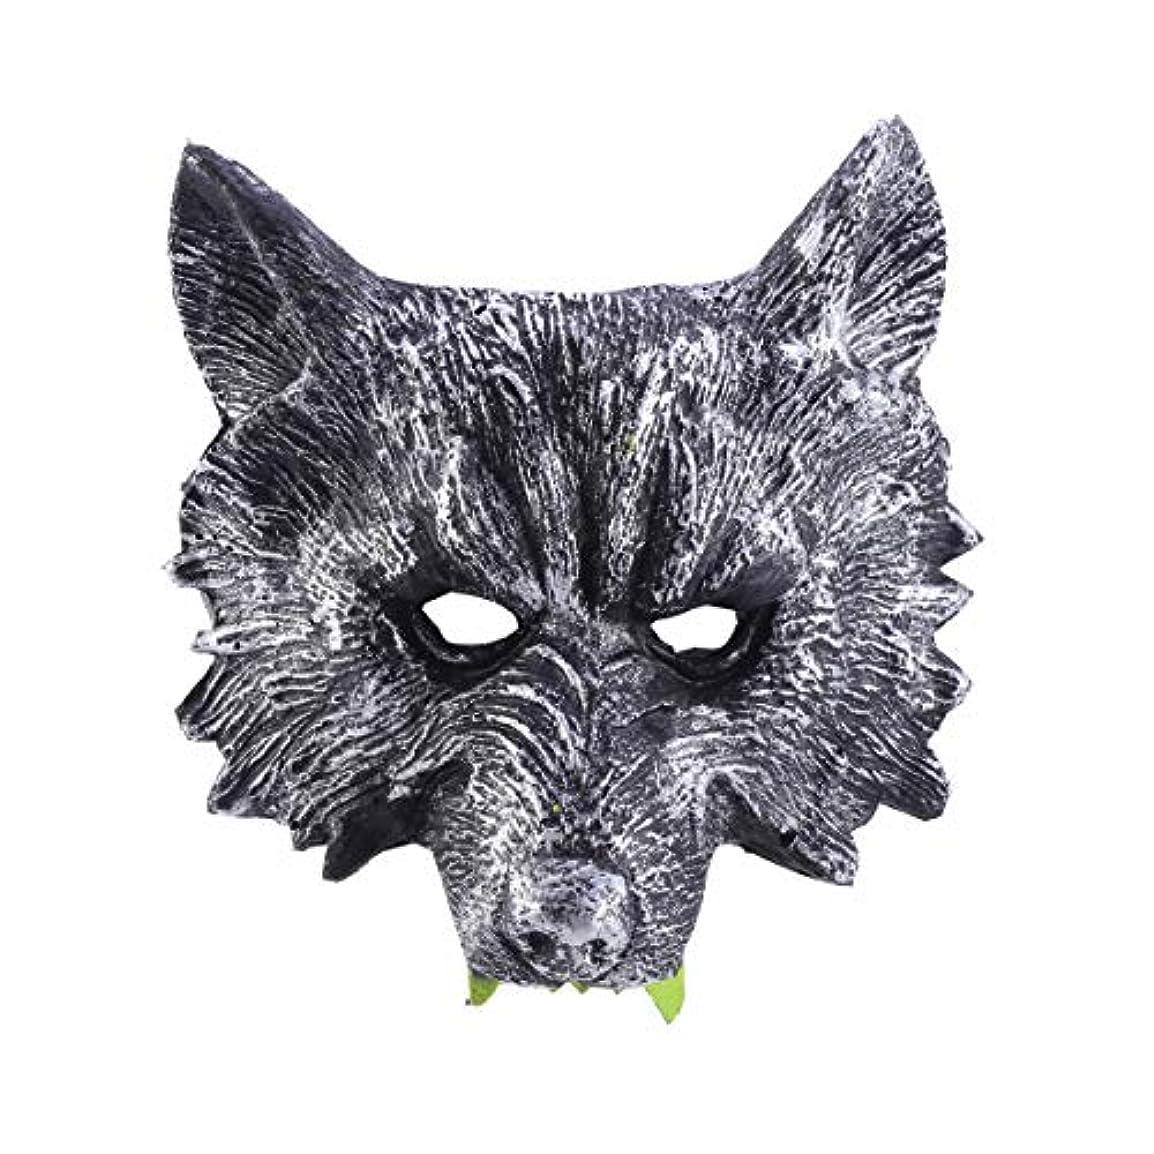 エリート歌詞キリストToyvian ハロウィーン仮装パーティーのための灰色オオカミマスク